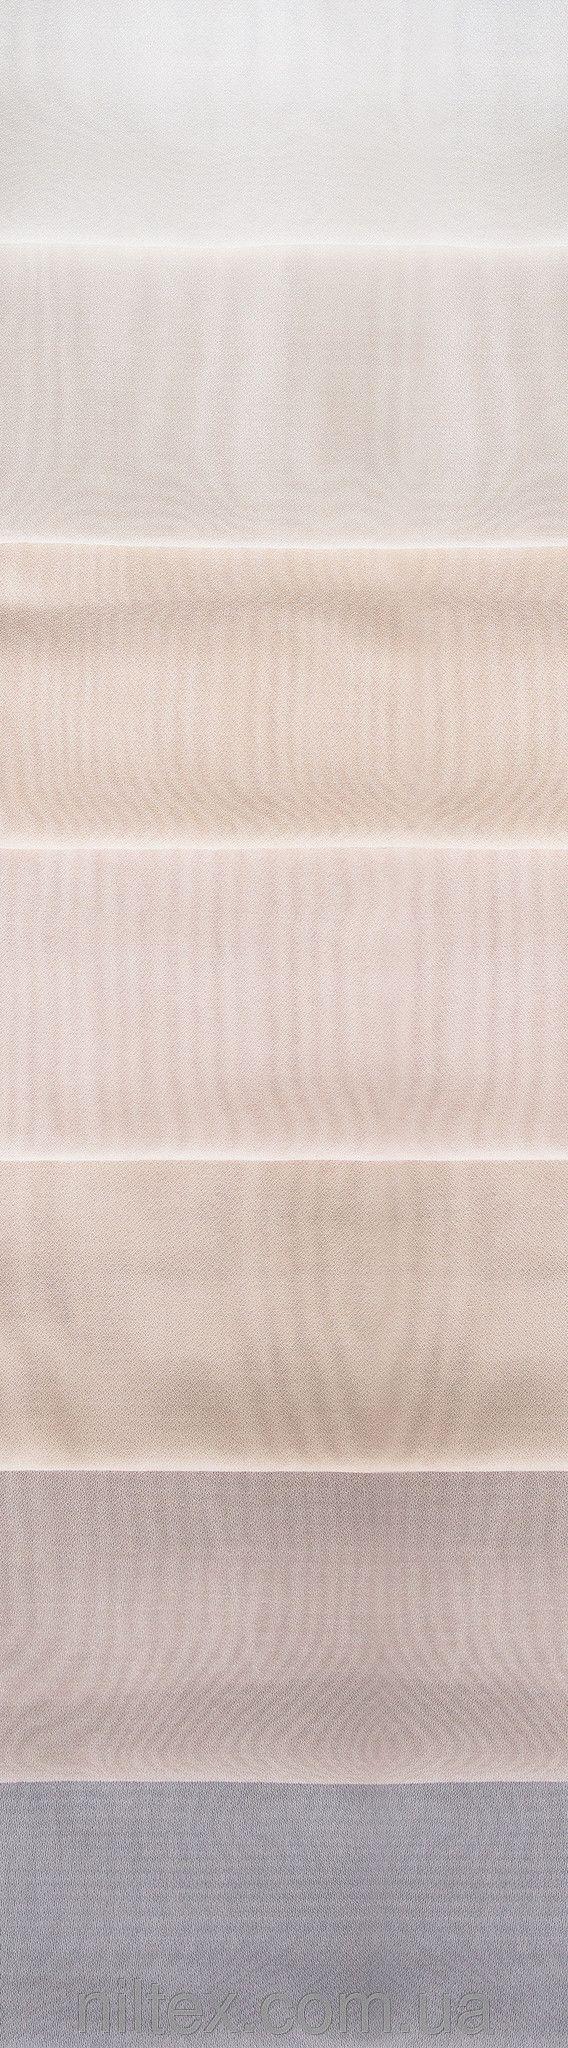 """Тюль KATE: продажа, цена в Киеве. гардины от """"Ткани для штор. Интернет-магазин тканей (шоу-рум)"""" - 259760074"""